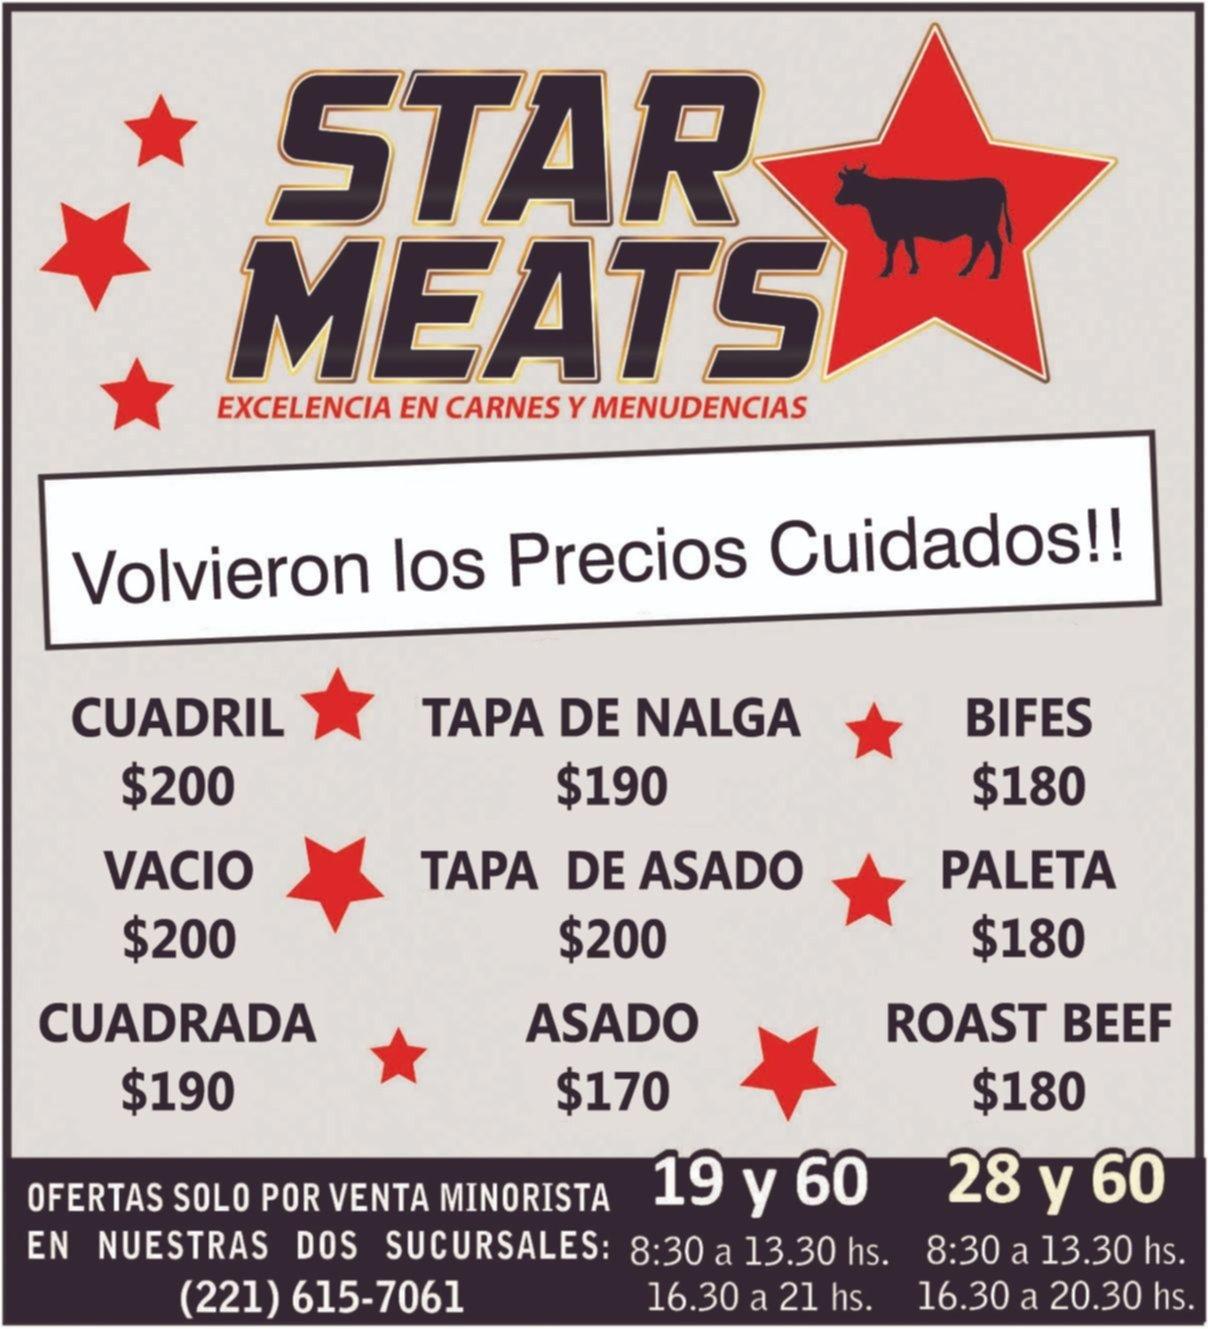 Star Meats te espera con excelencia en carnes y menudencias